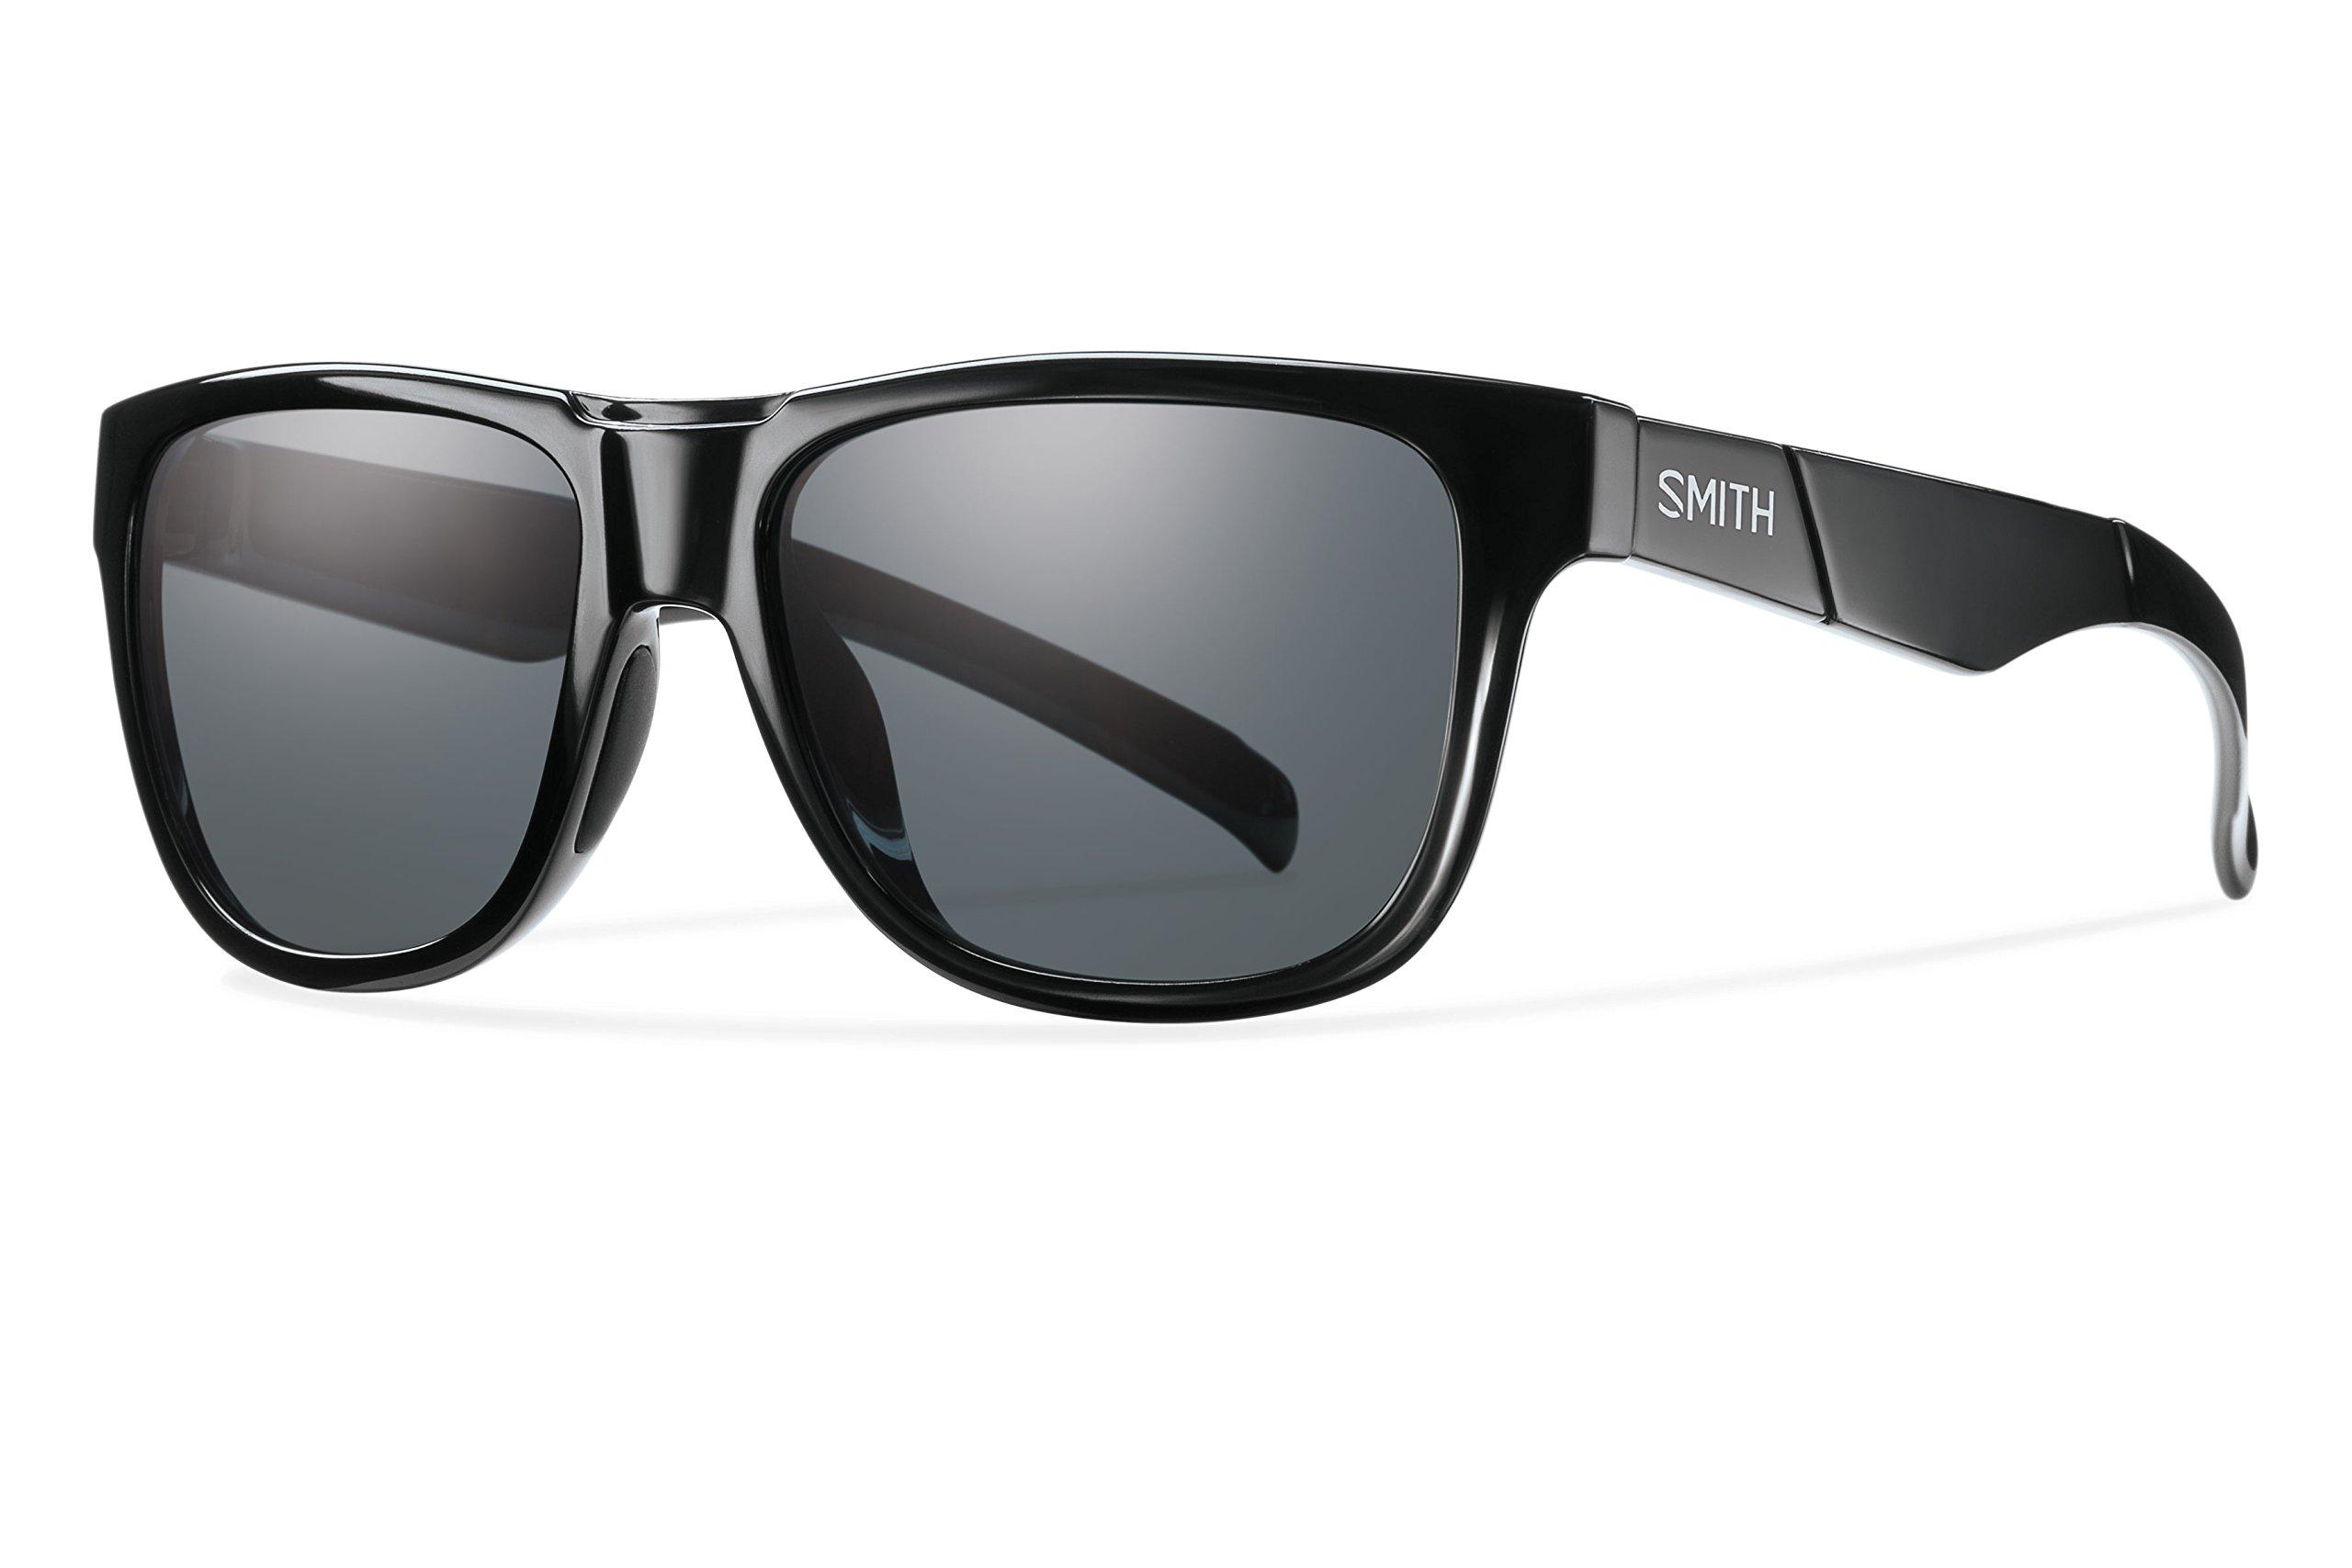 Smith Lowdown Slim Carbonic Polarized Sunglasses